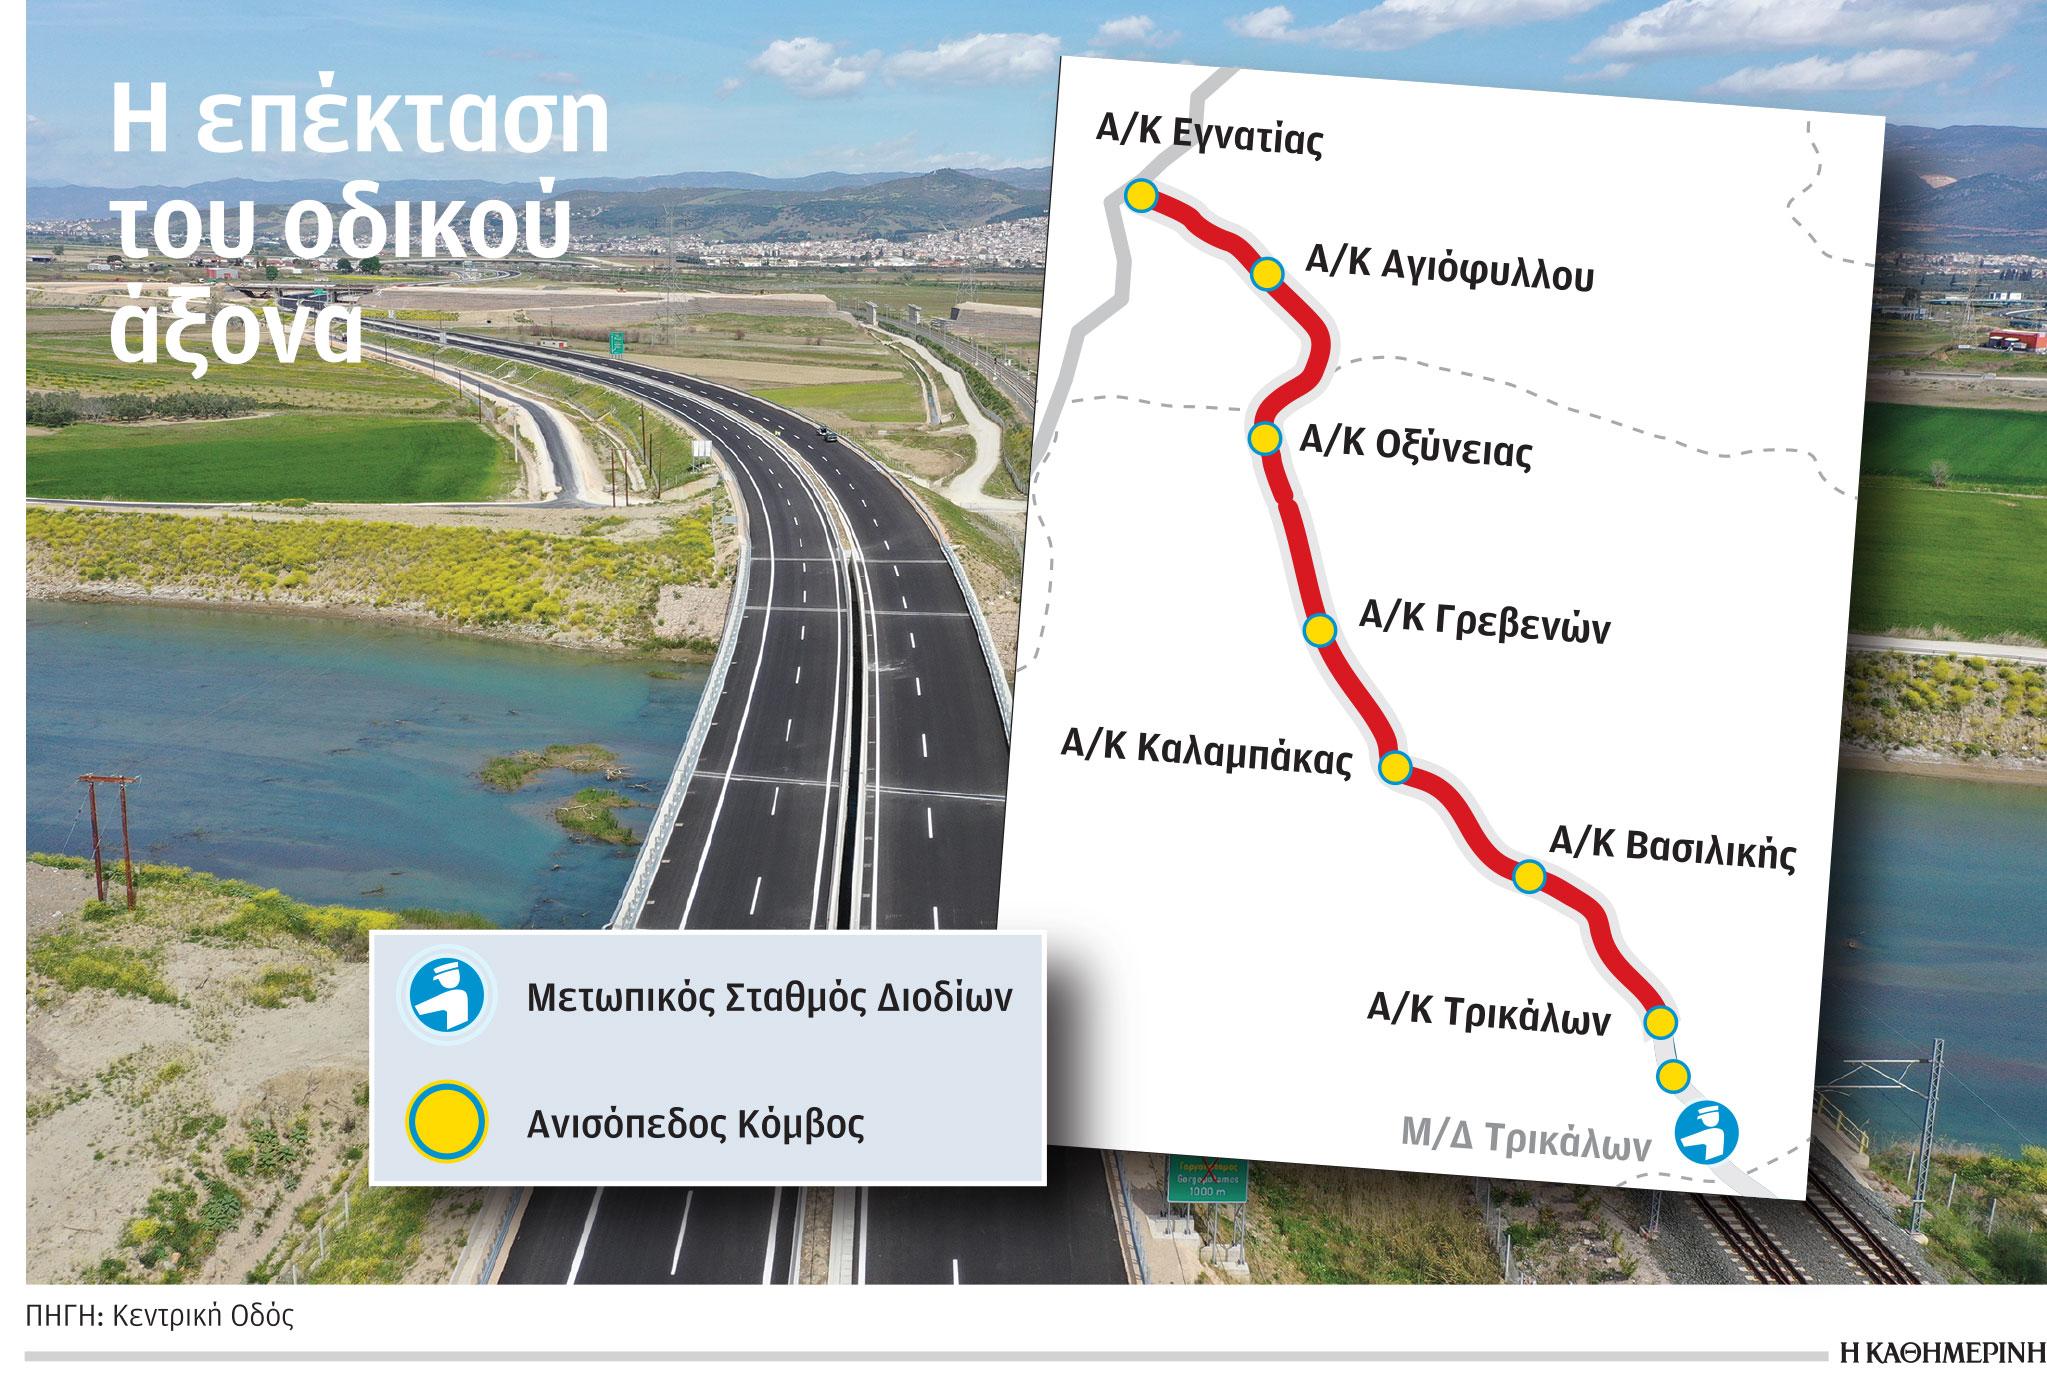 Athina-Metsovo-se-4-ores-me-tin-oloklirosi-toy-e651